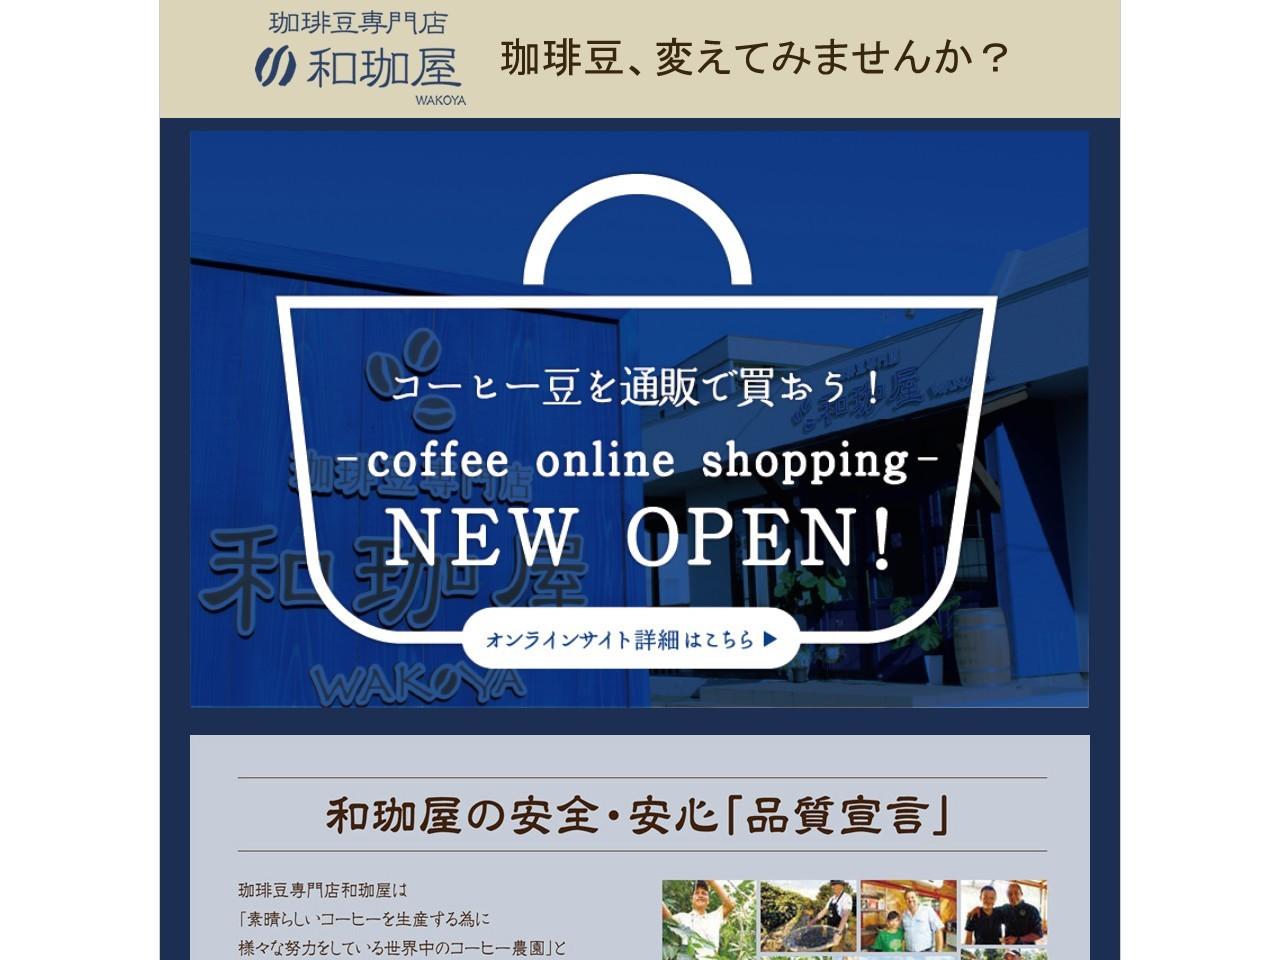 珈琲豆専門店 和珈屋(WAKOYA)